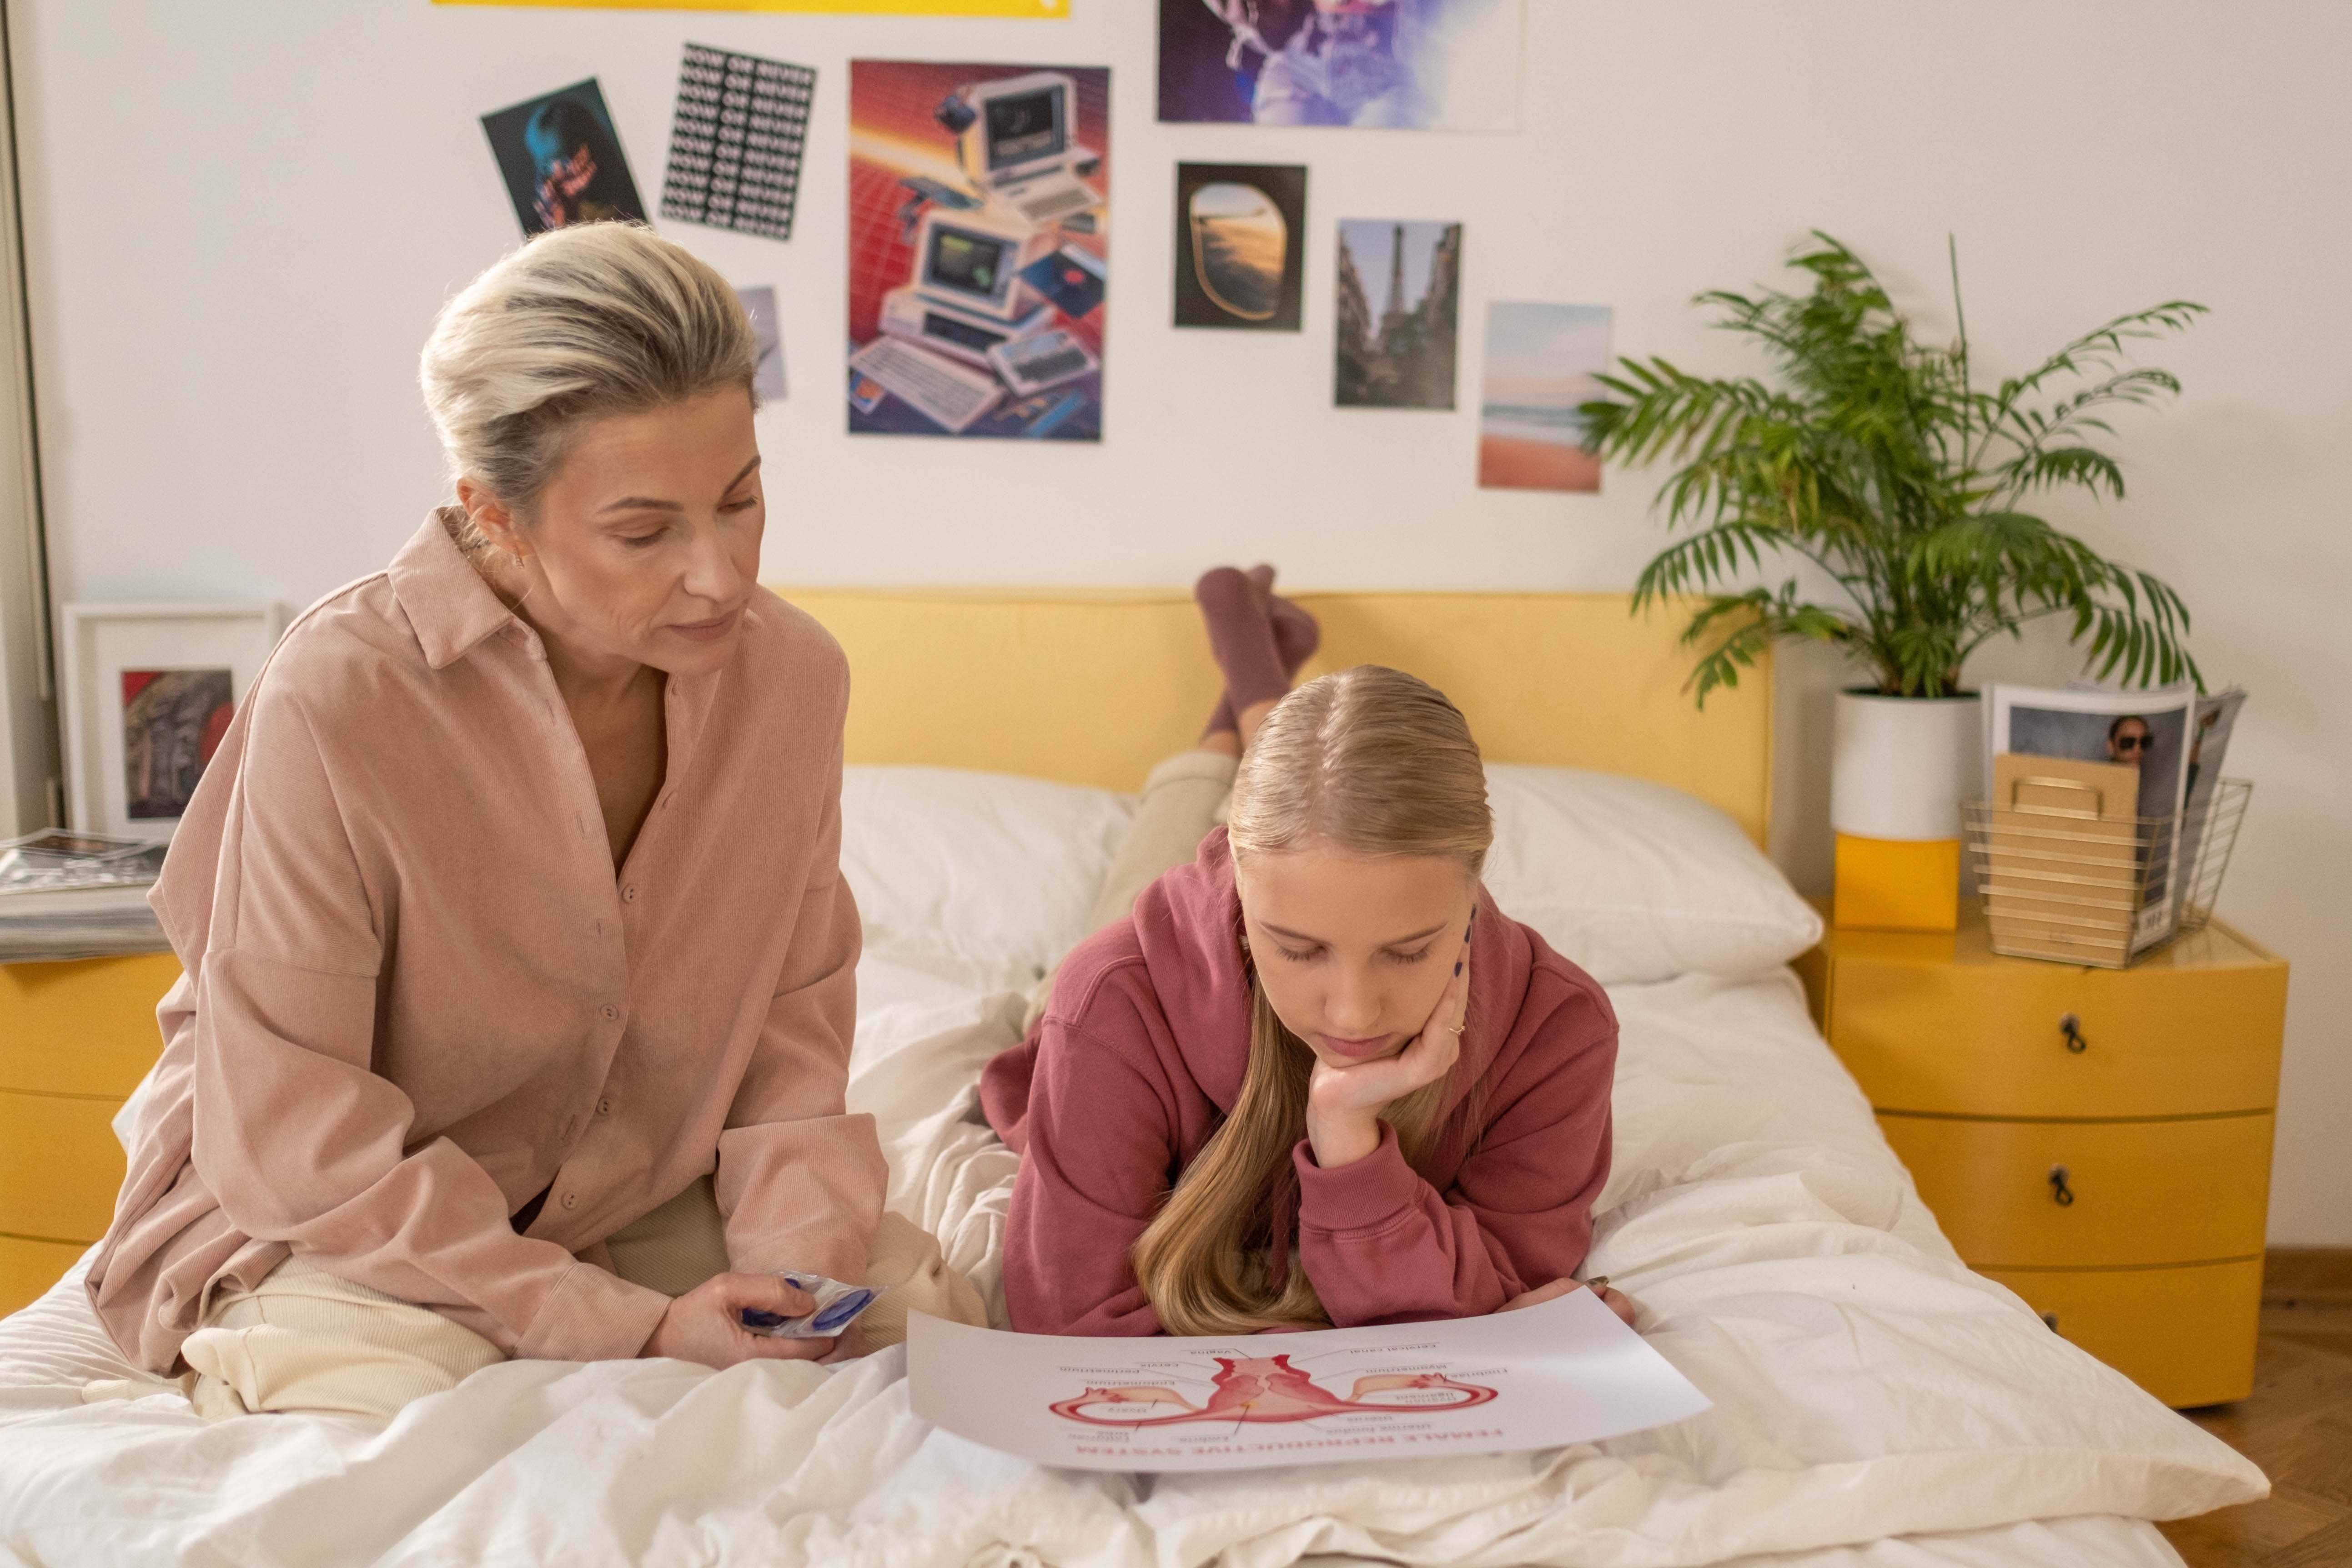 Mama ir paauglė dukra guli ant lovos ir žiūri į paveksliuką